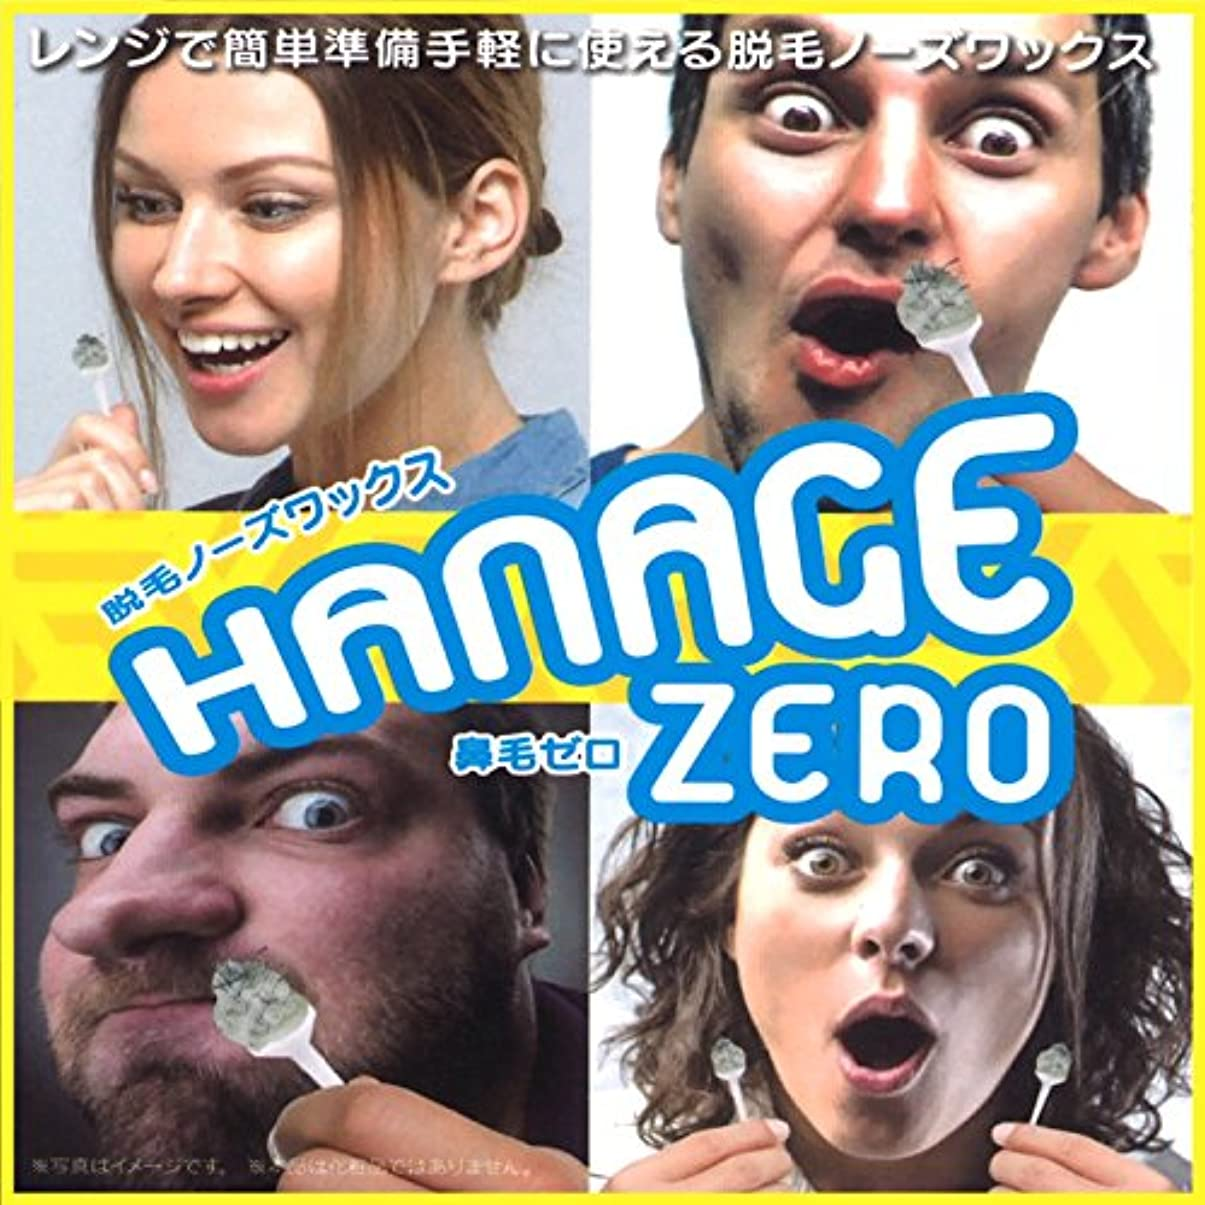 未使用埋めるヒステリックお得セット 脱毛ノーズワックス HANAGE ZERO 鼻毛ゼロ 両鼻穴 10回分 (10)